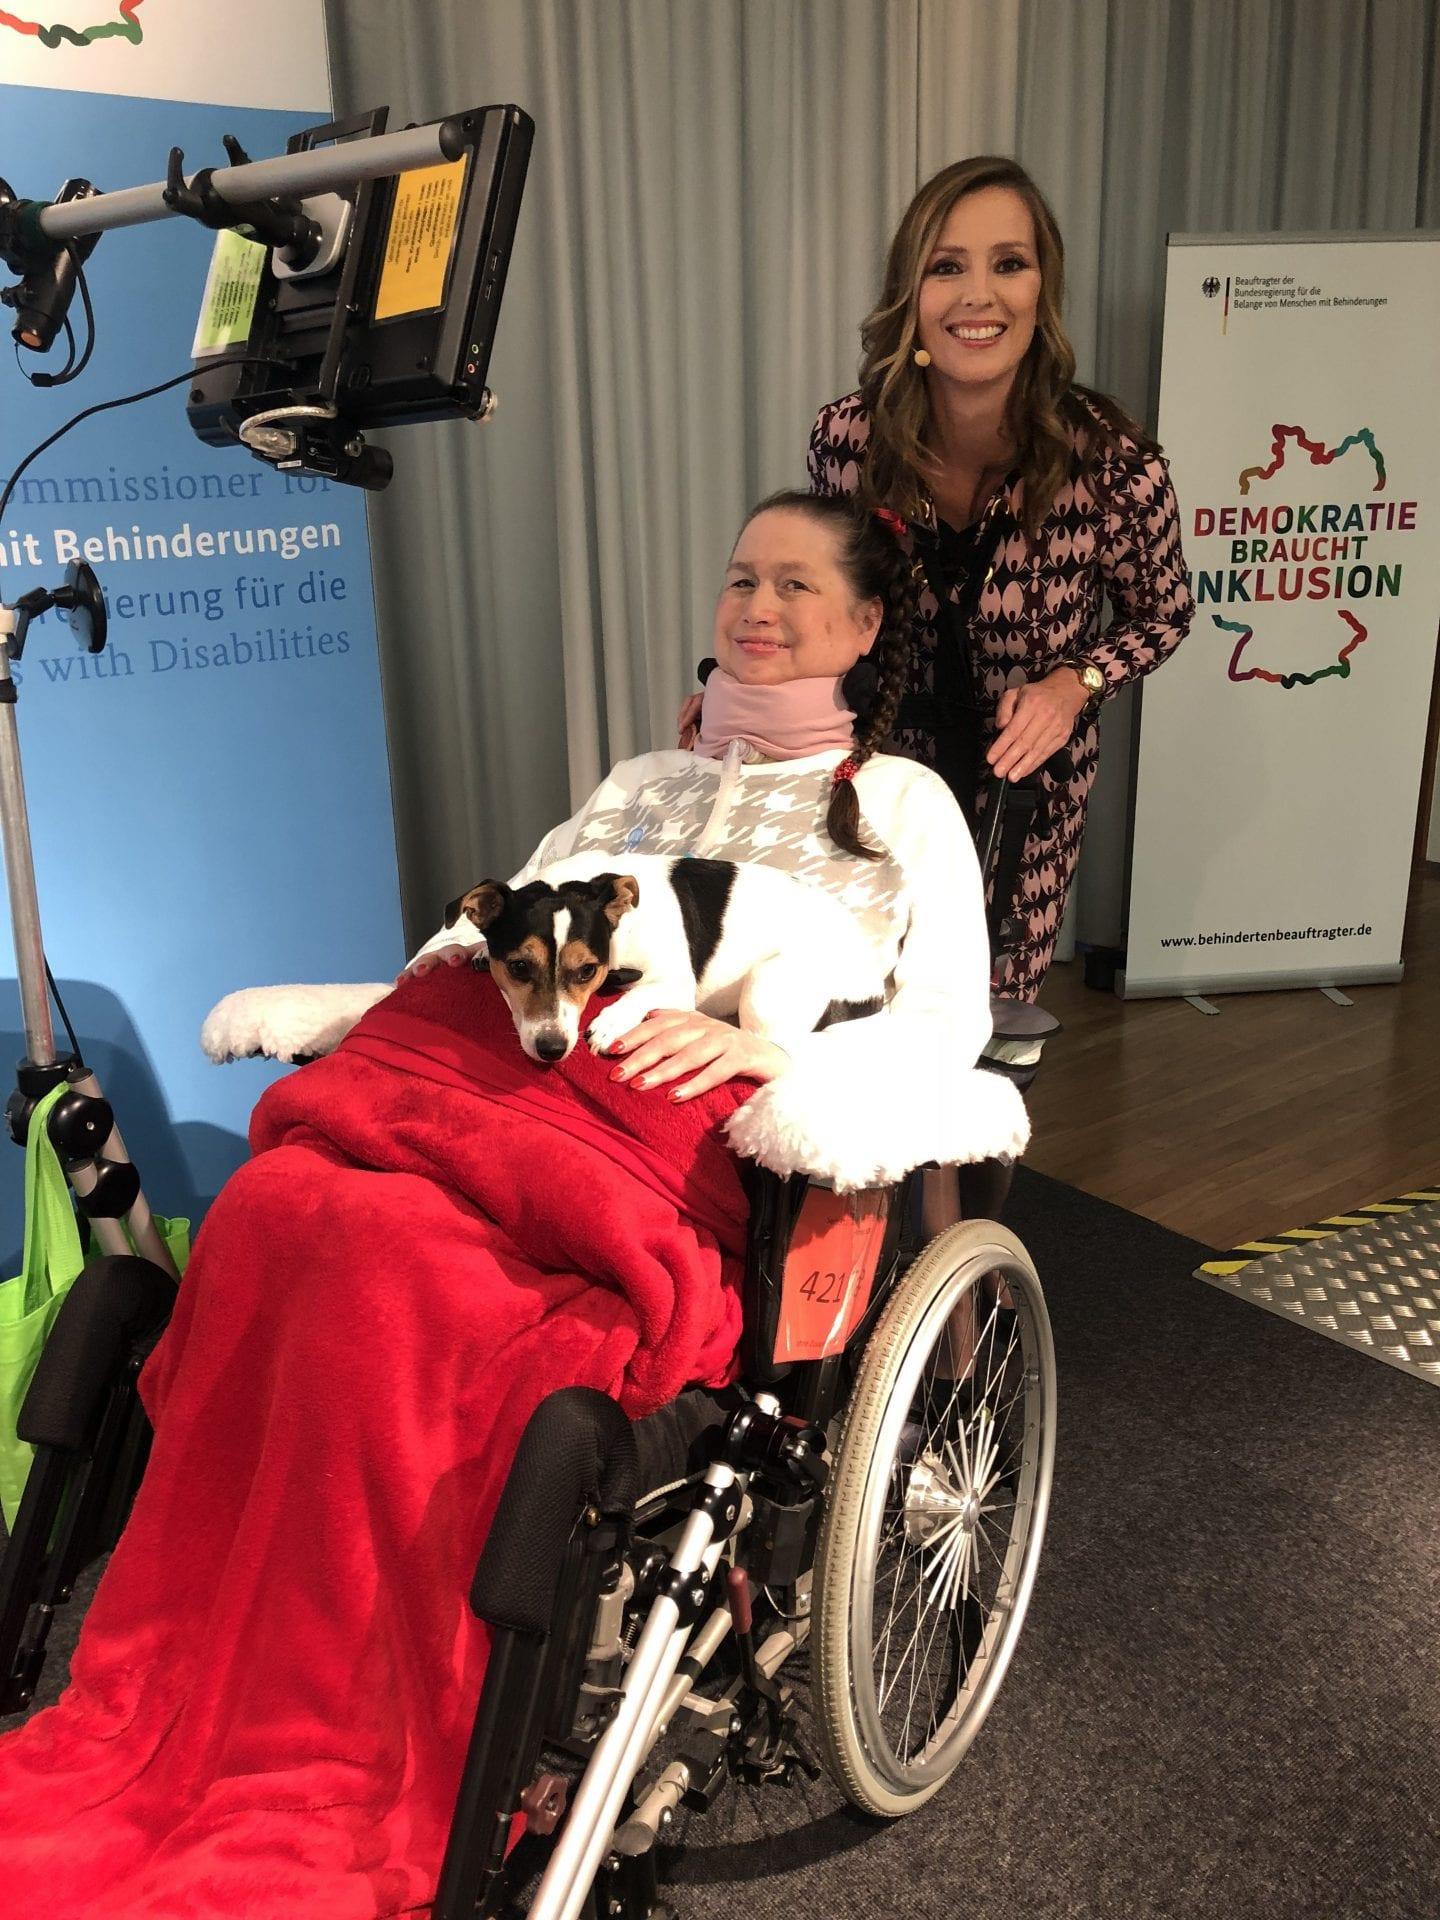 Moderatorin Kristina zur Mühlen  ALS-Patientin Angela Jansen  Rollstuhl  BrainPainting